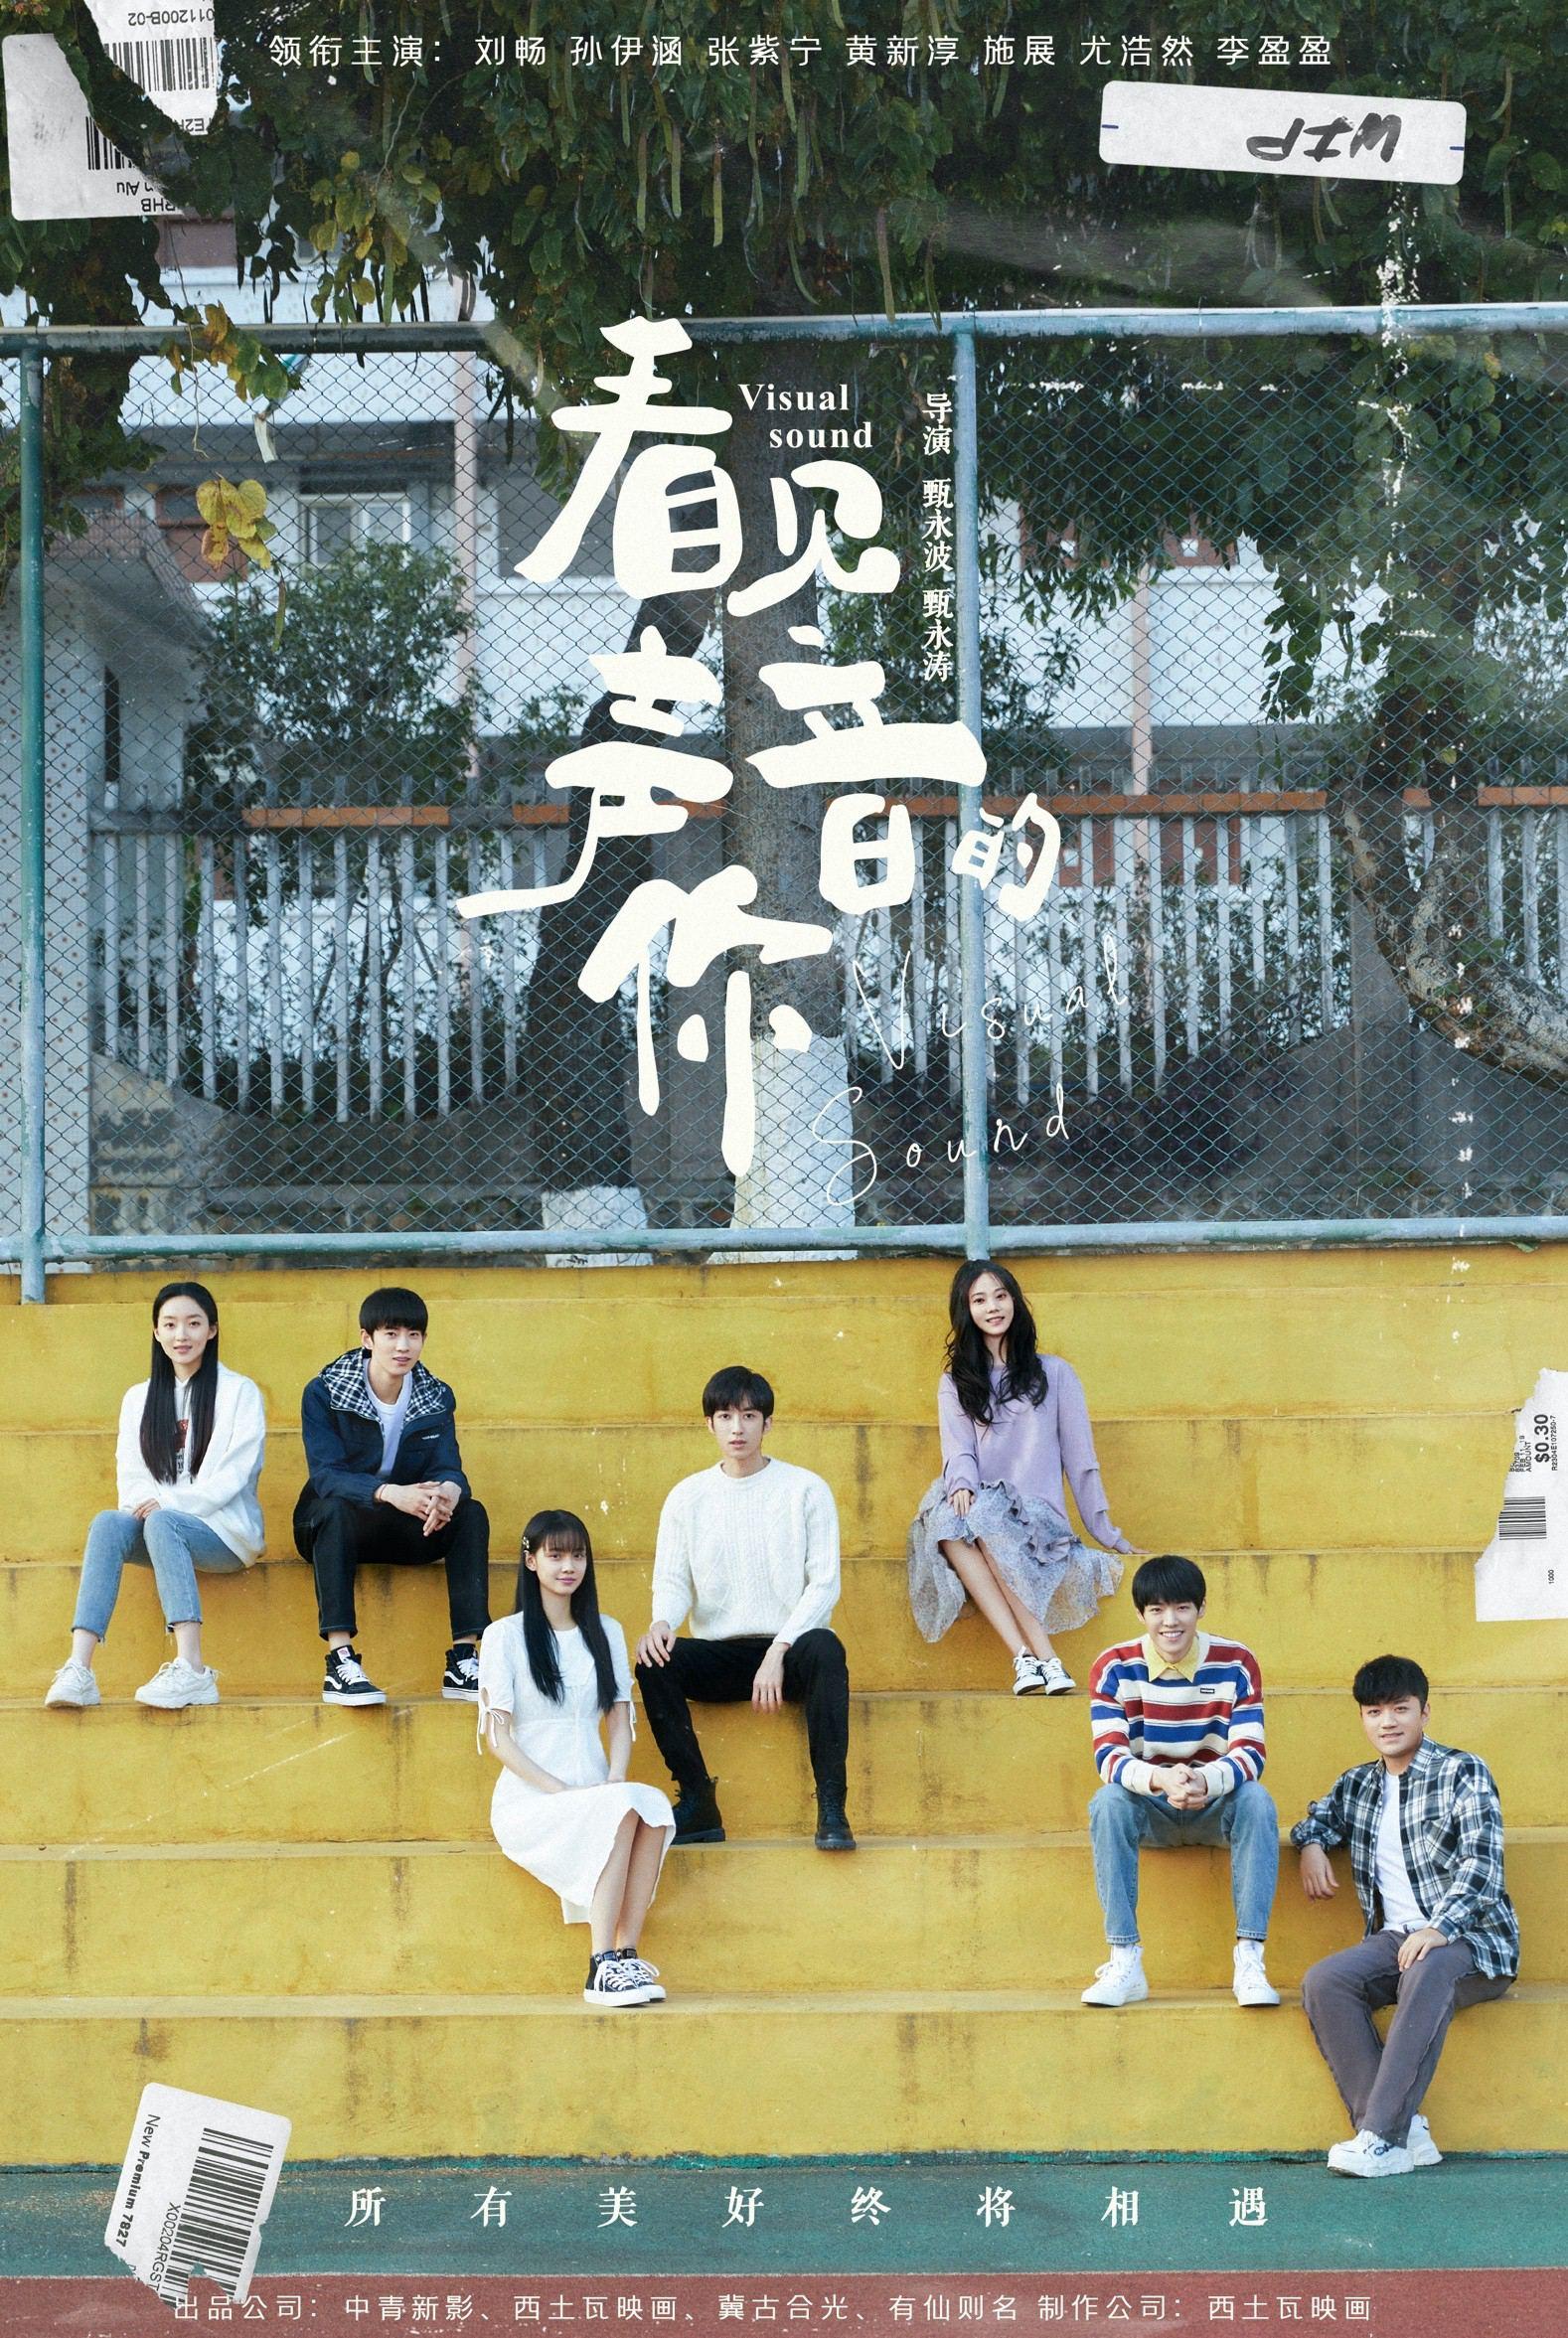 《【摩臣安卓版登录】青春演员阵容 《看见声音的你》今日正式开机》